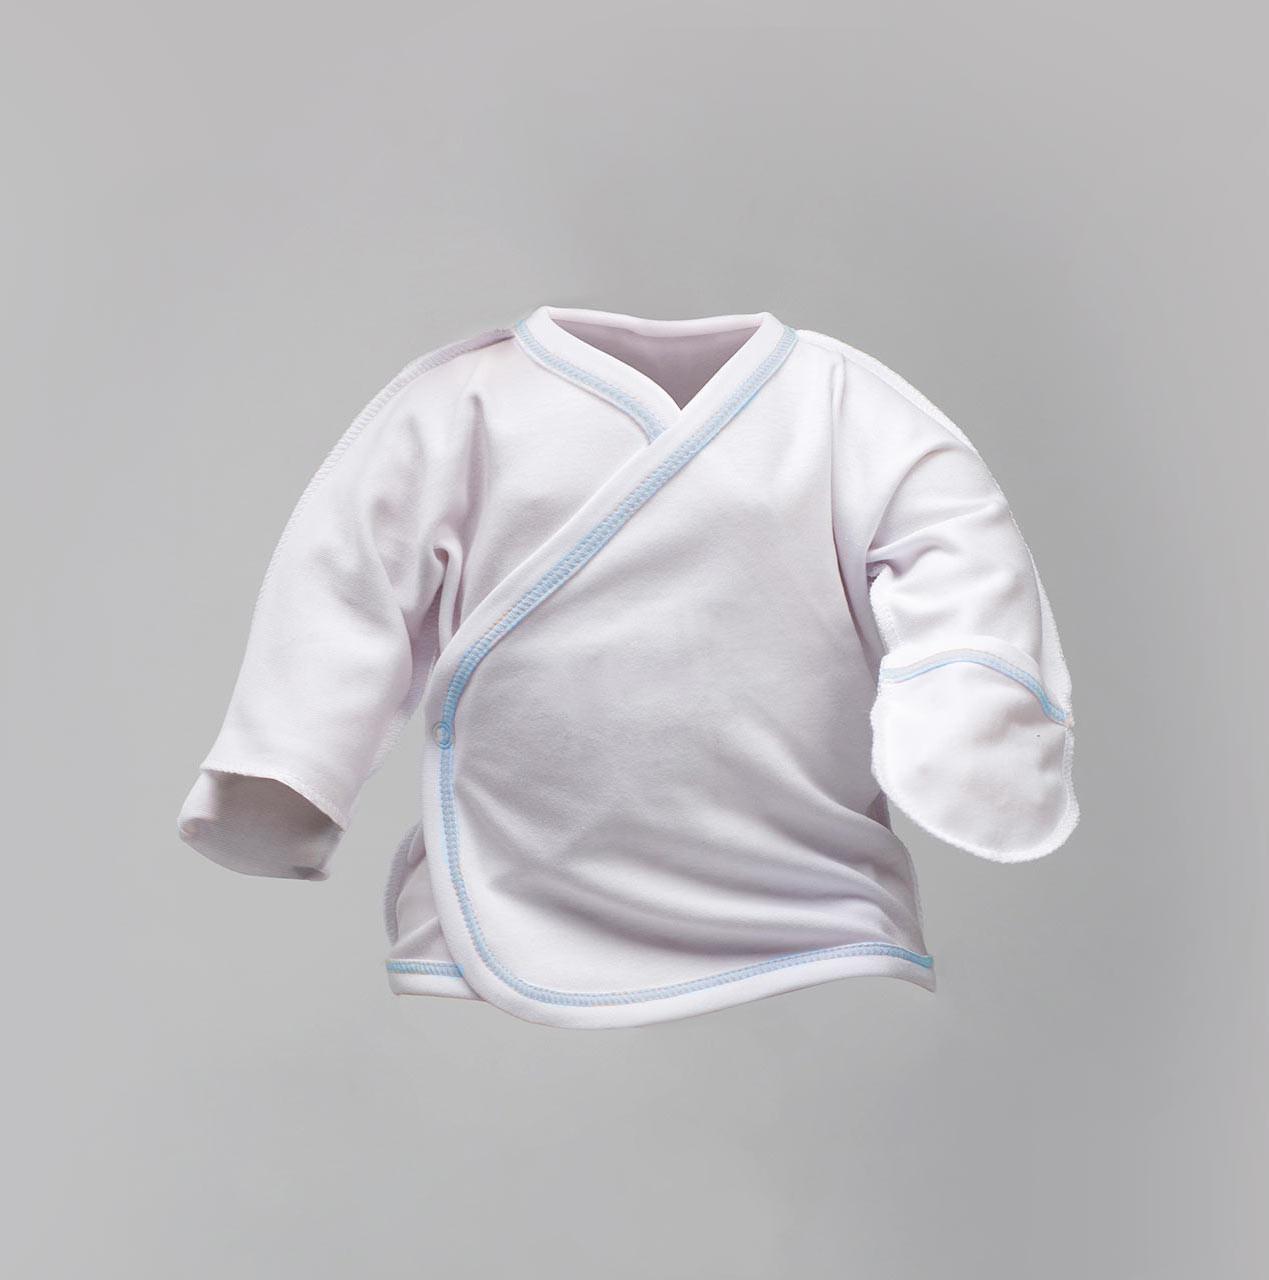 Распашонка белая для новорожденных, отстрочена голубой нитью Интерлок |  Льоля Victory для хлопчиків від 0